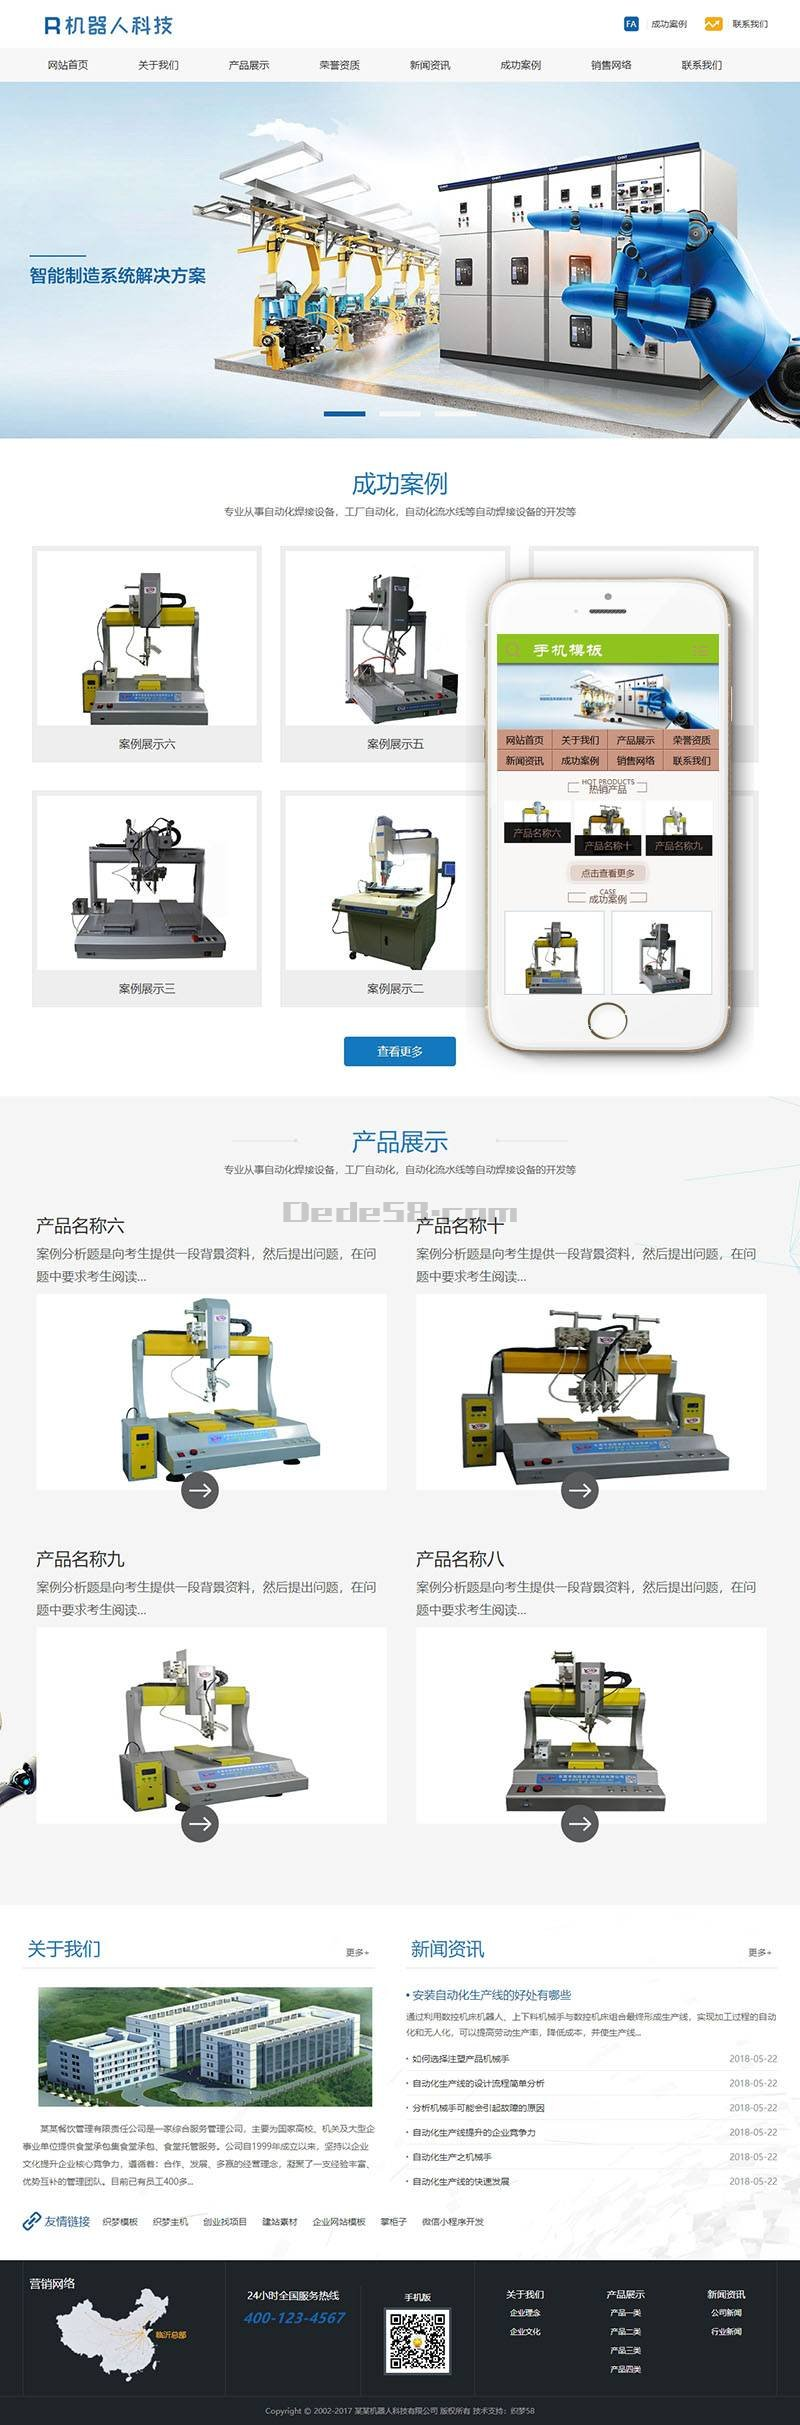 长沙网站优化公司开发的自动化机器人科技网站首页